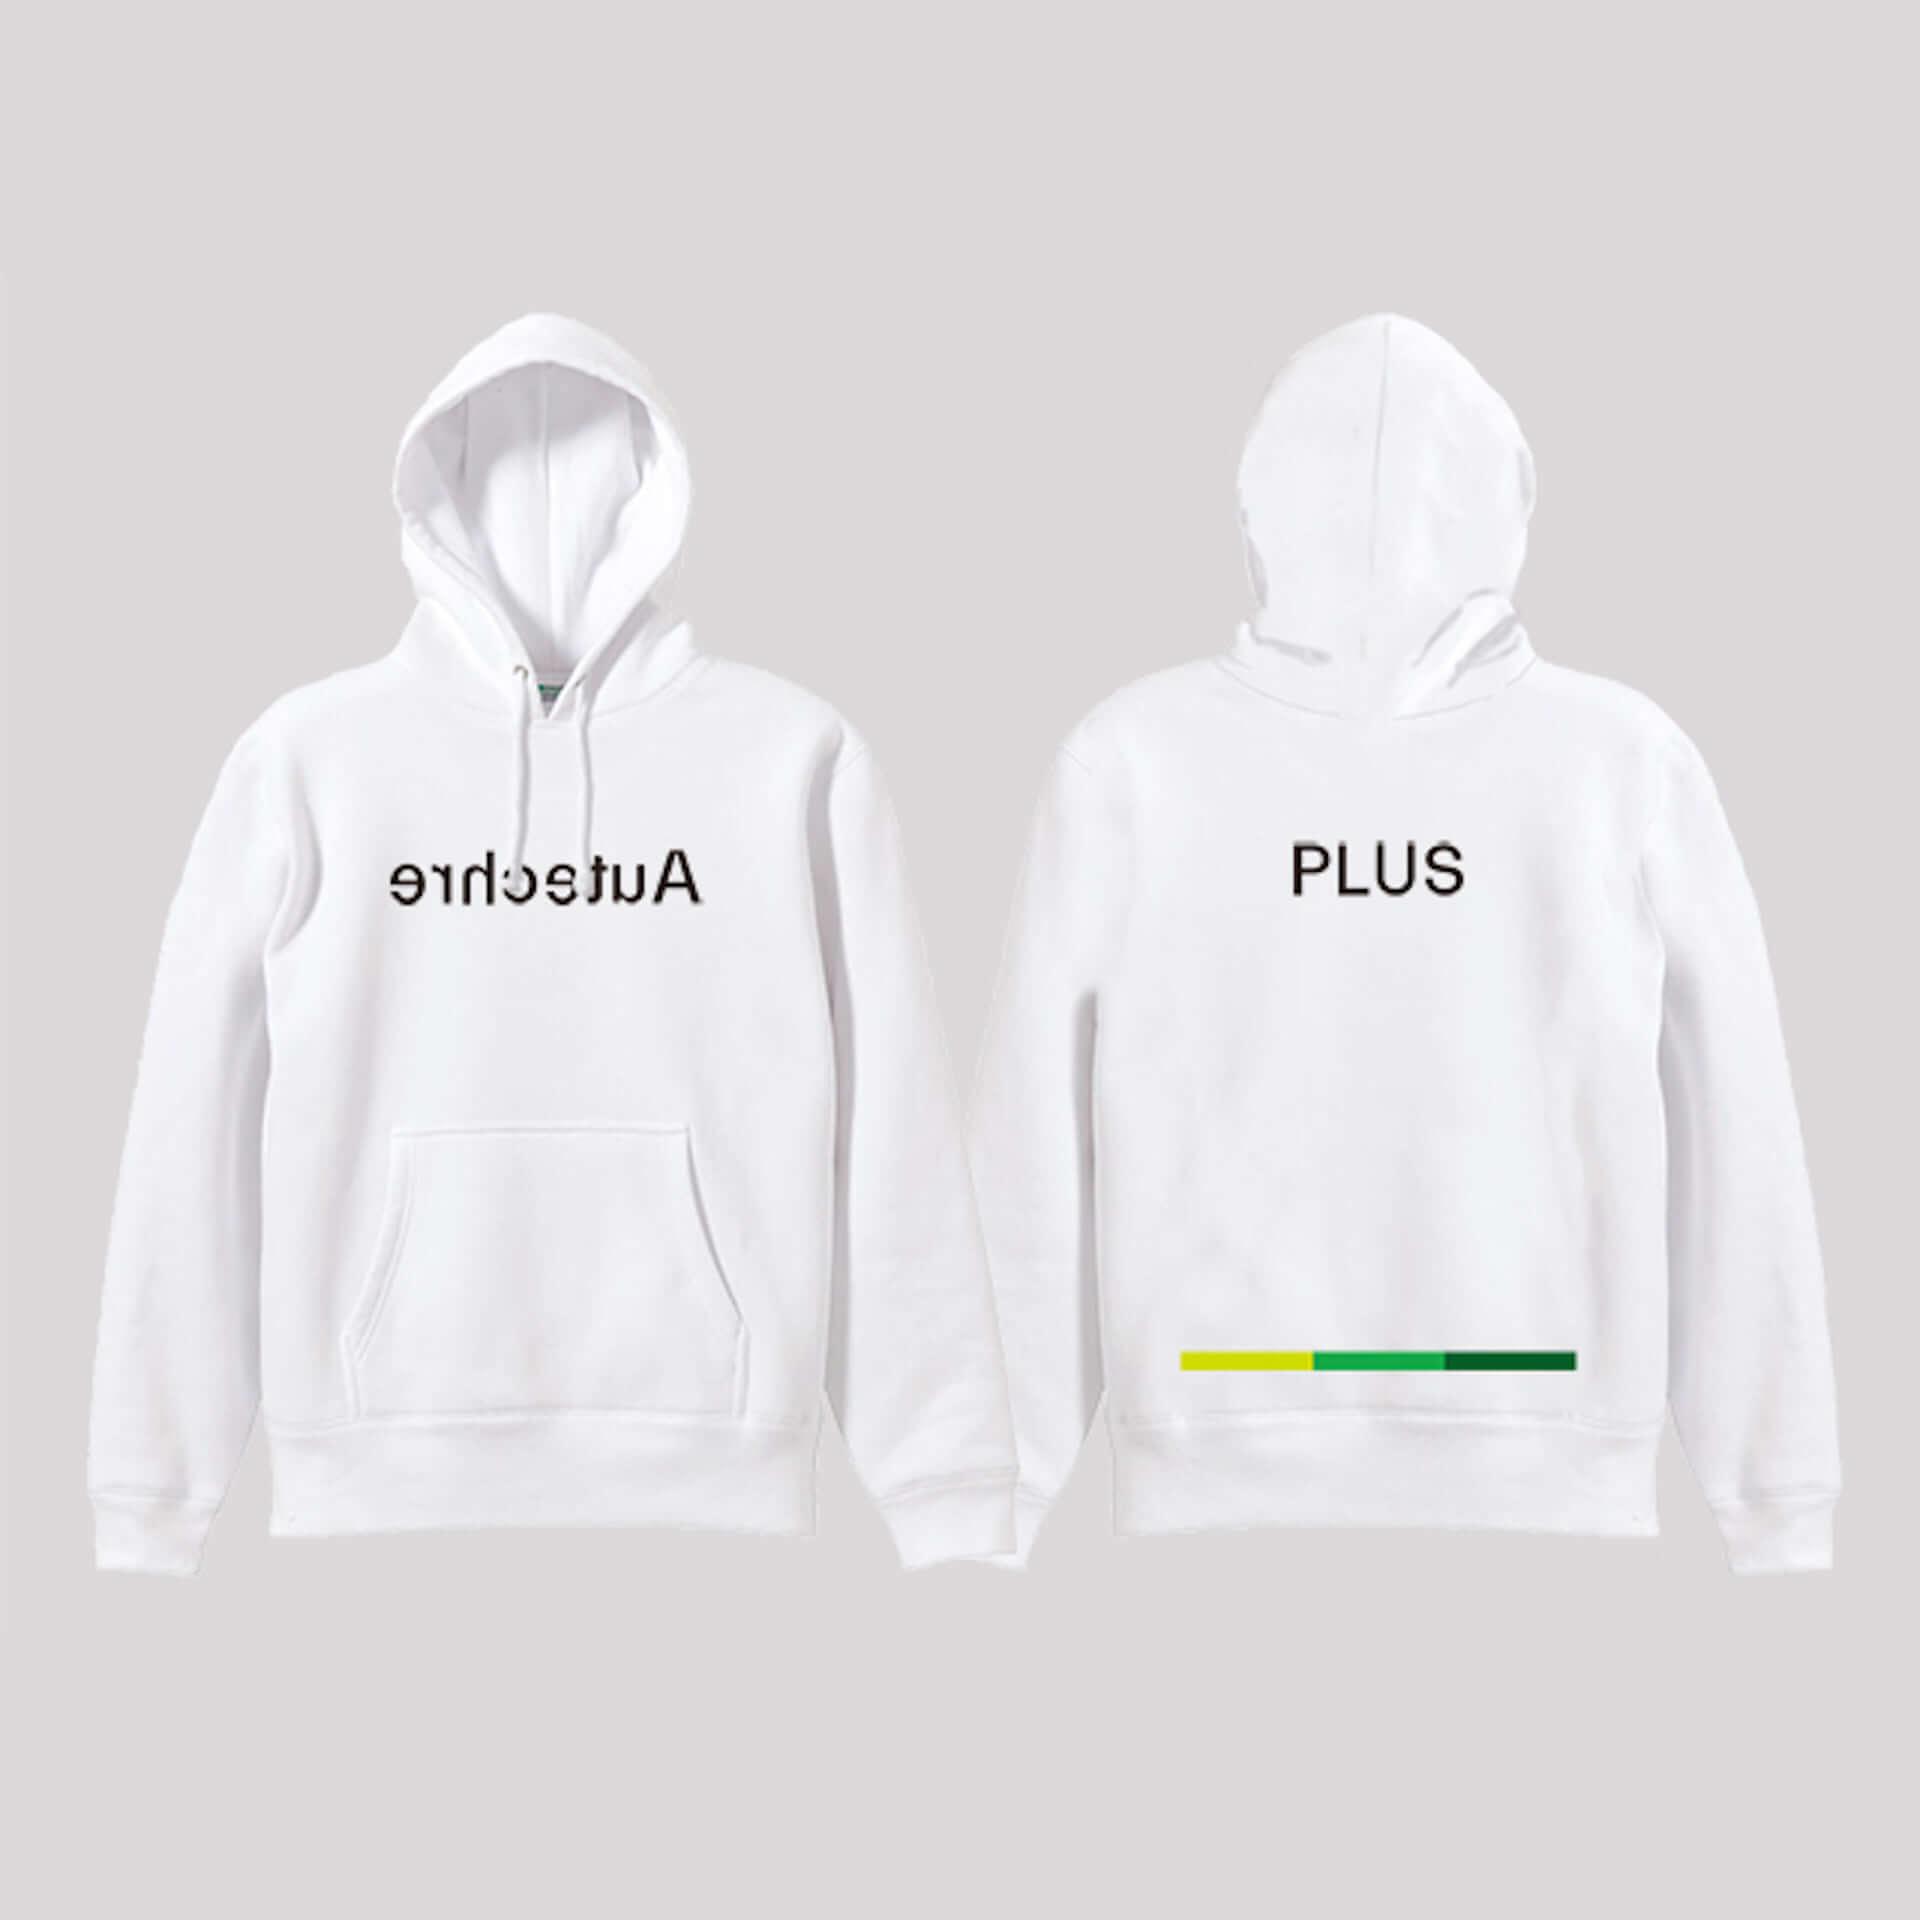 Autechreが『SIGN』に続く新アルバム『PLUS』を突如発表!ロングスリーブTシャツセット、パーカーも発売決定 music201029_autechre_5-1920x1920